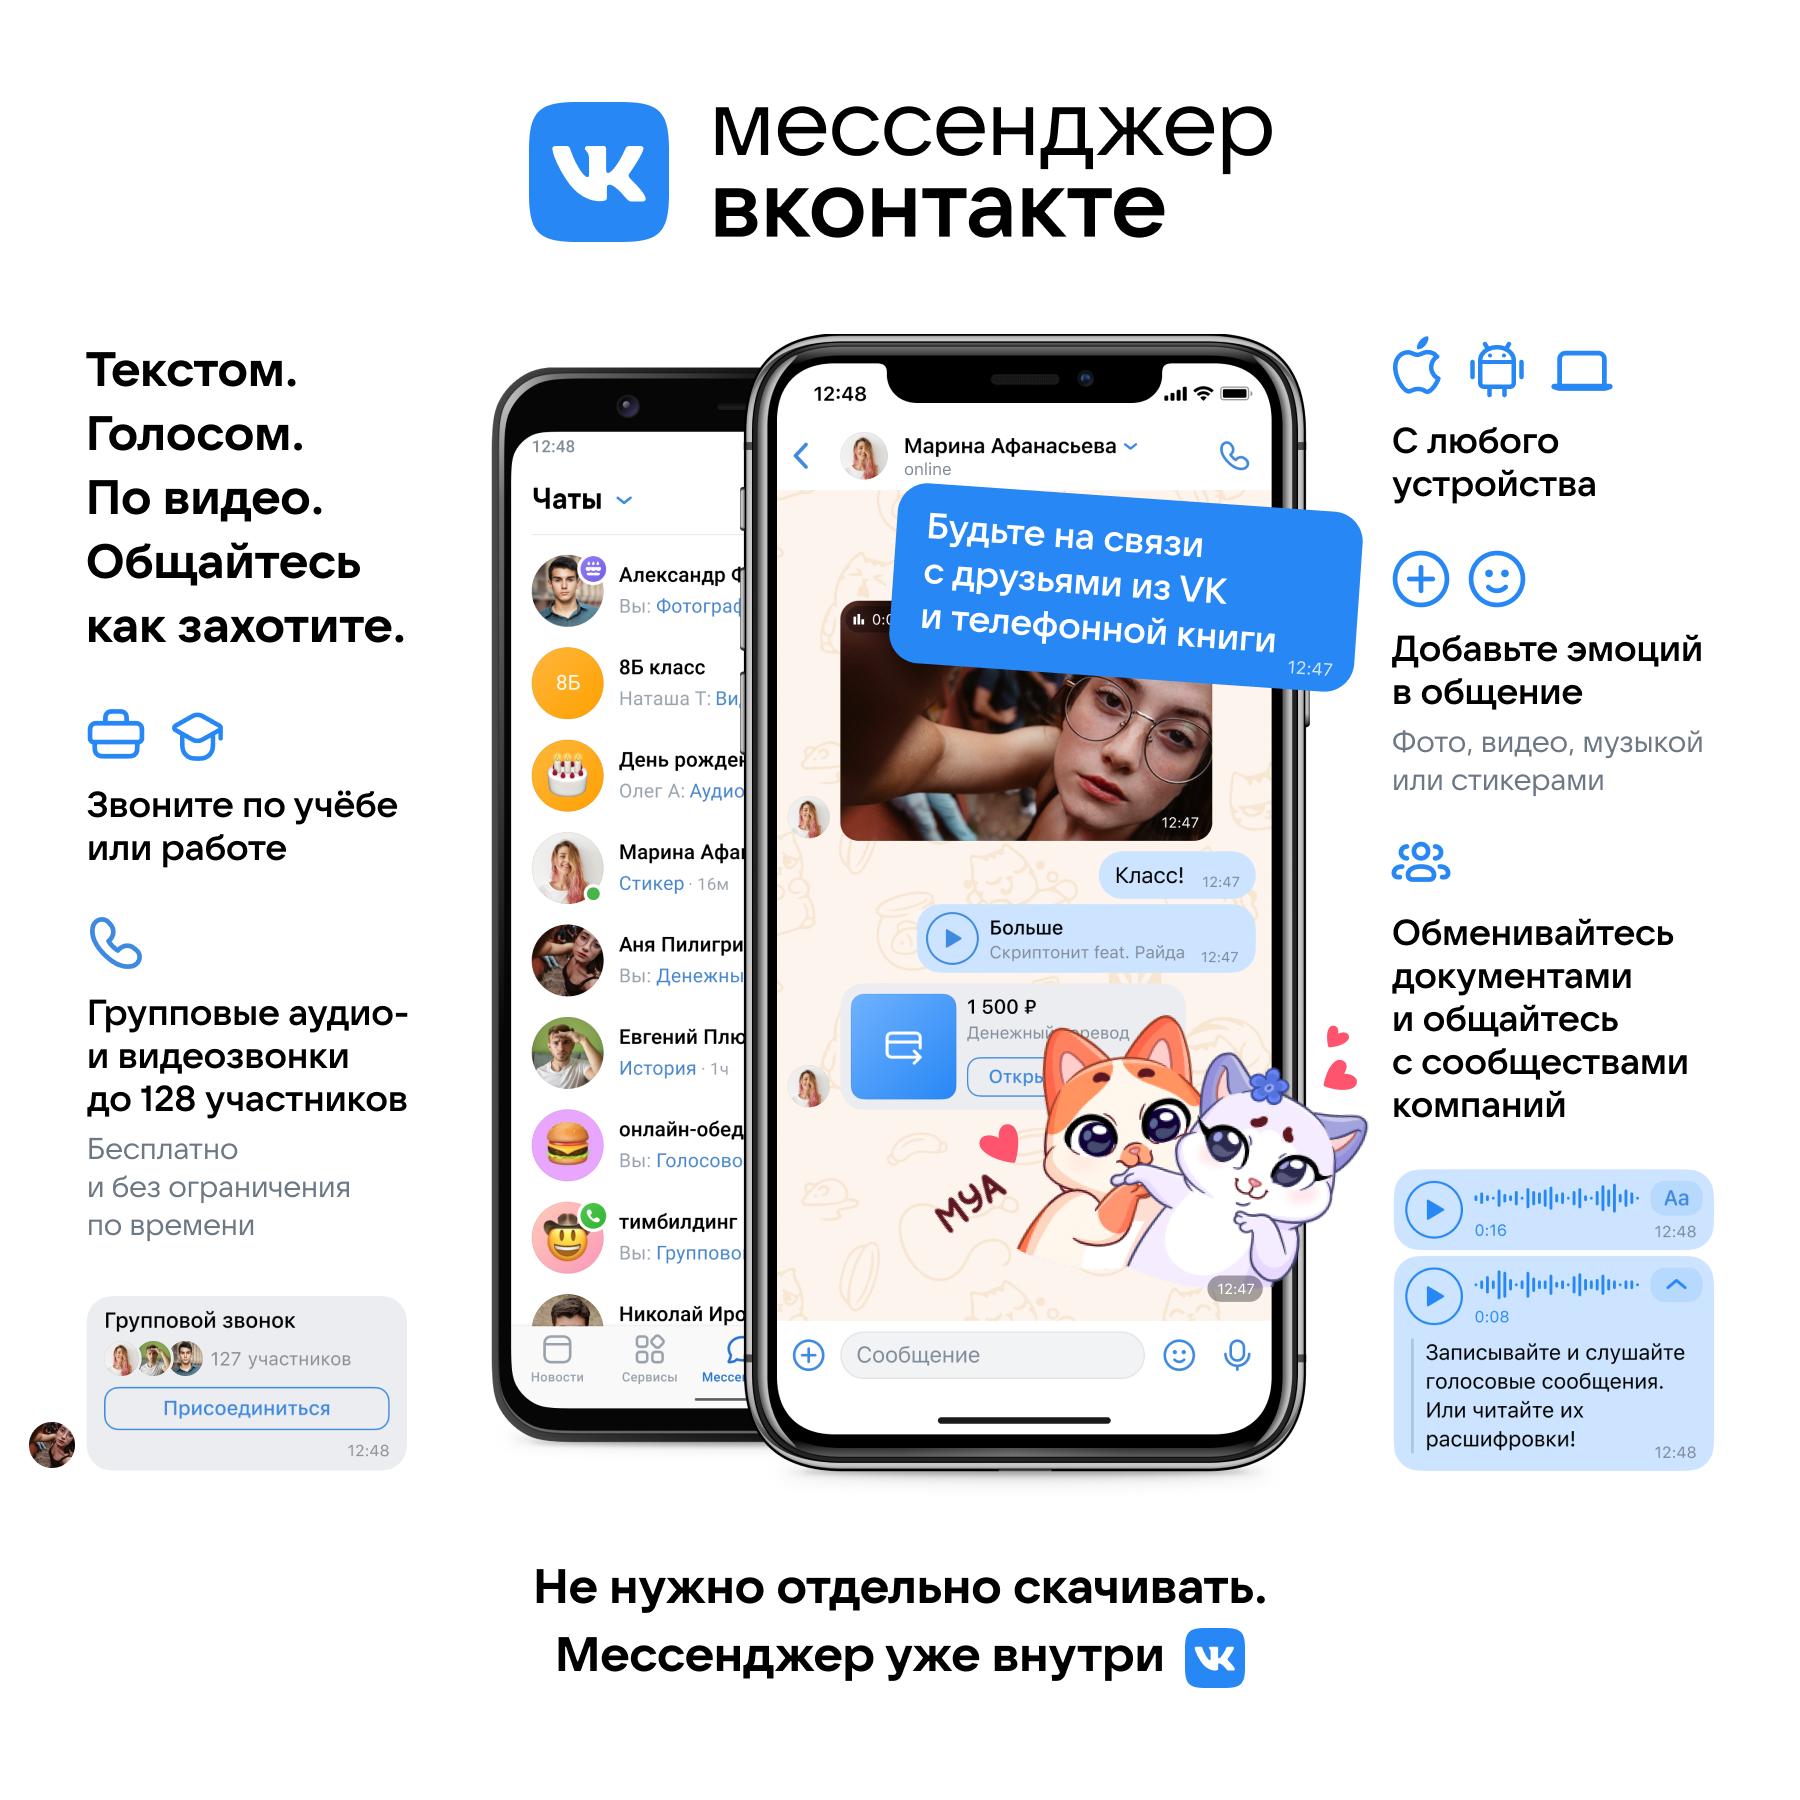 «ВКонтакте» преобразовала раздел «Сообщения» в «Мессенджер»